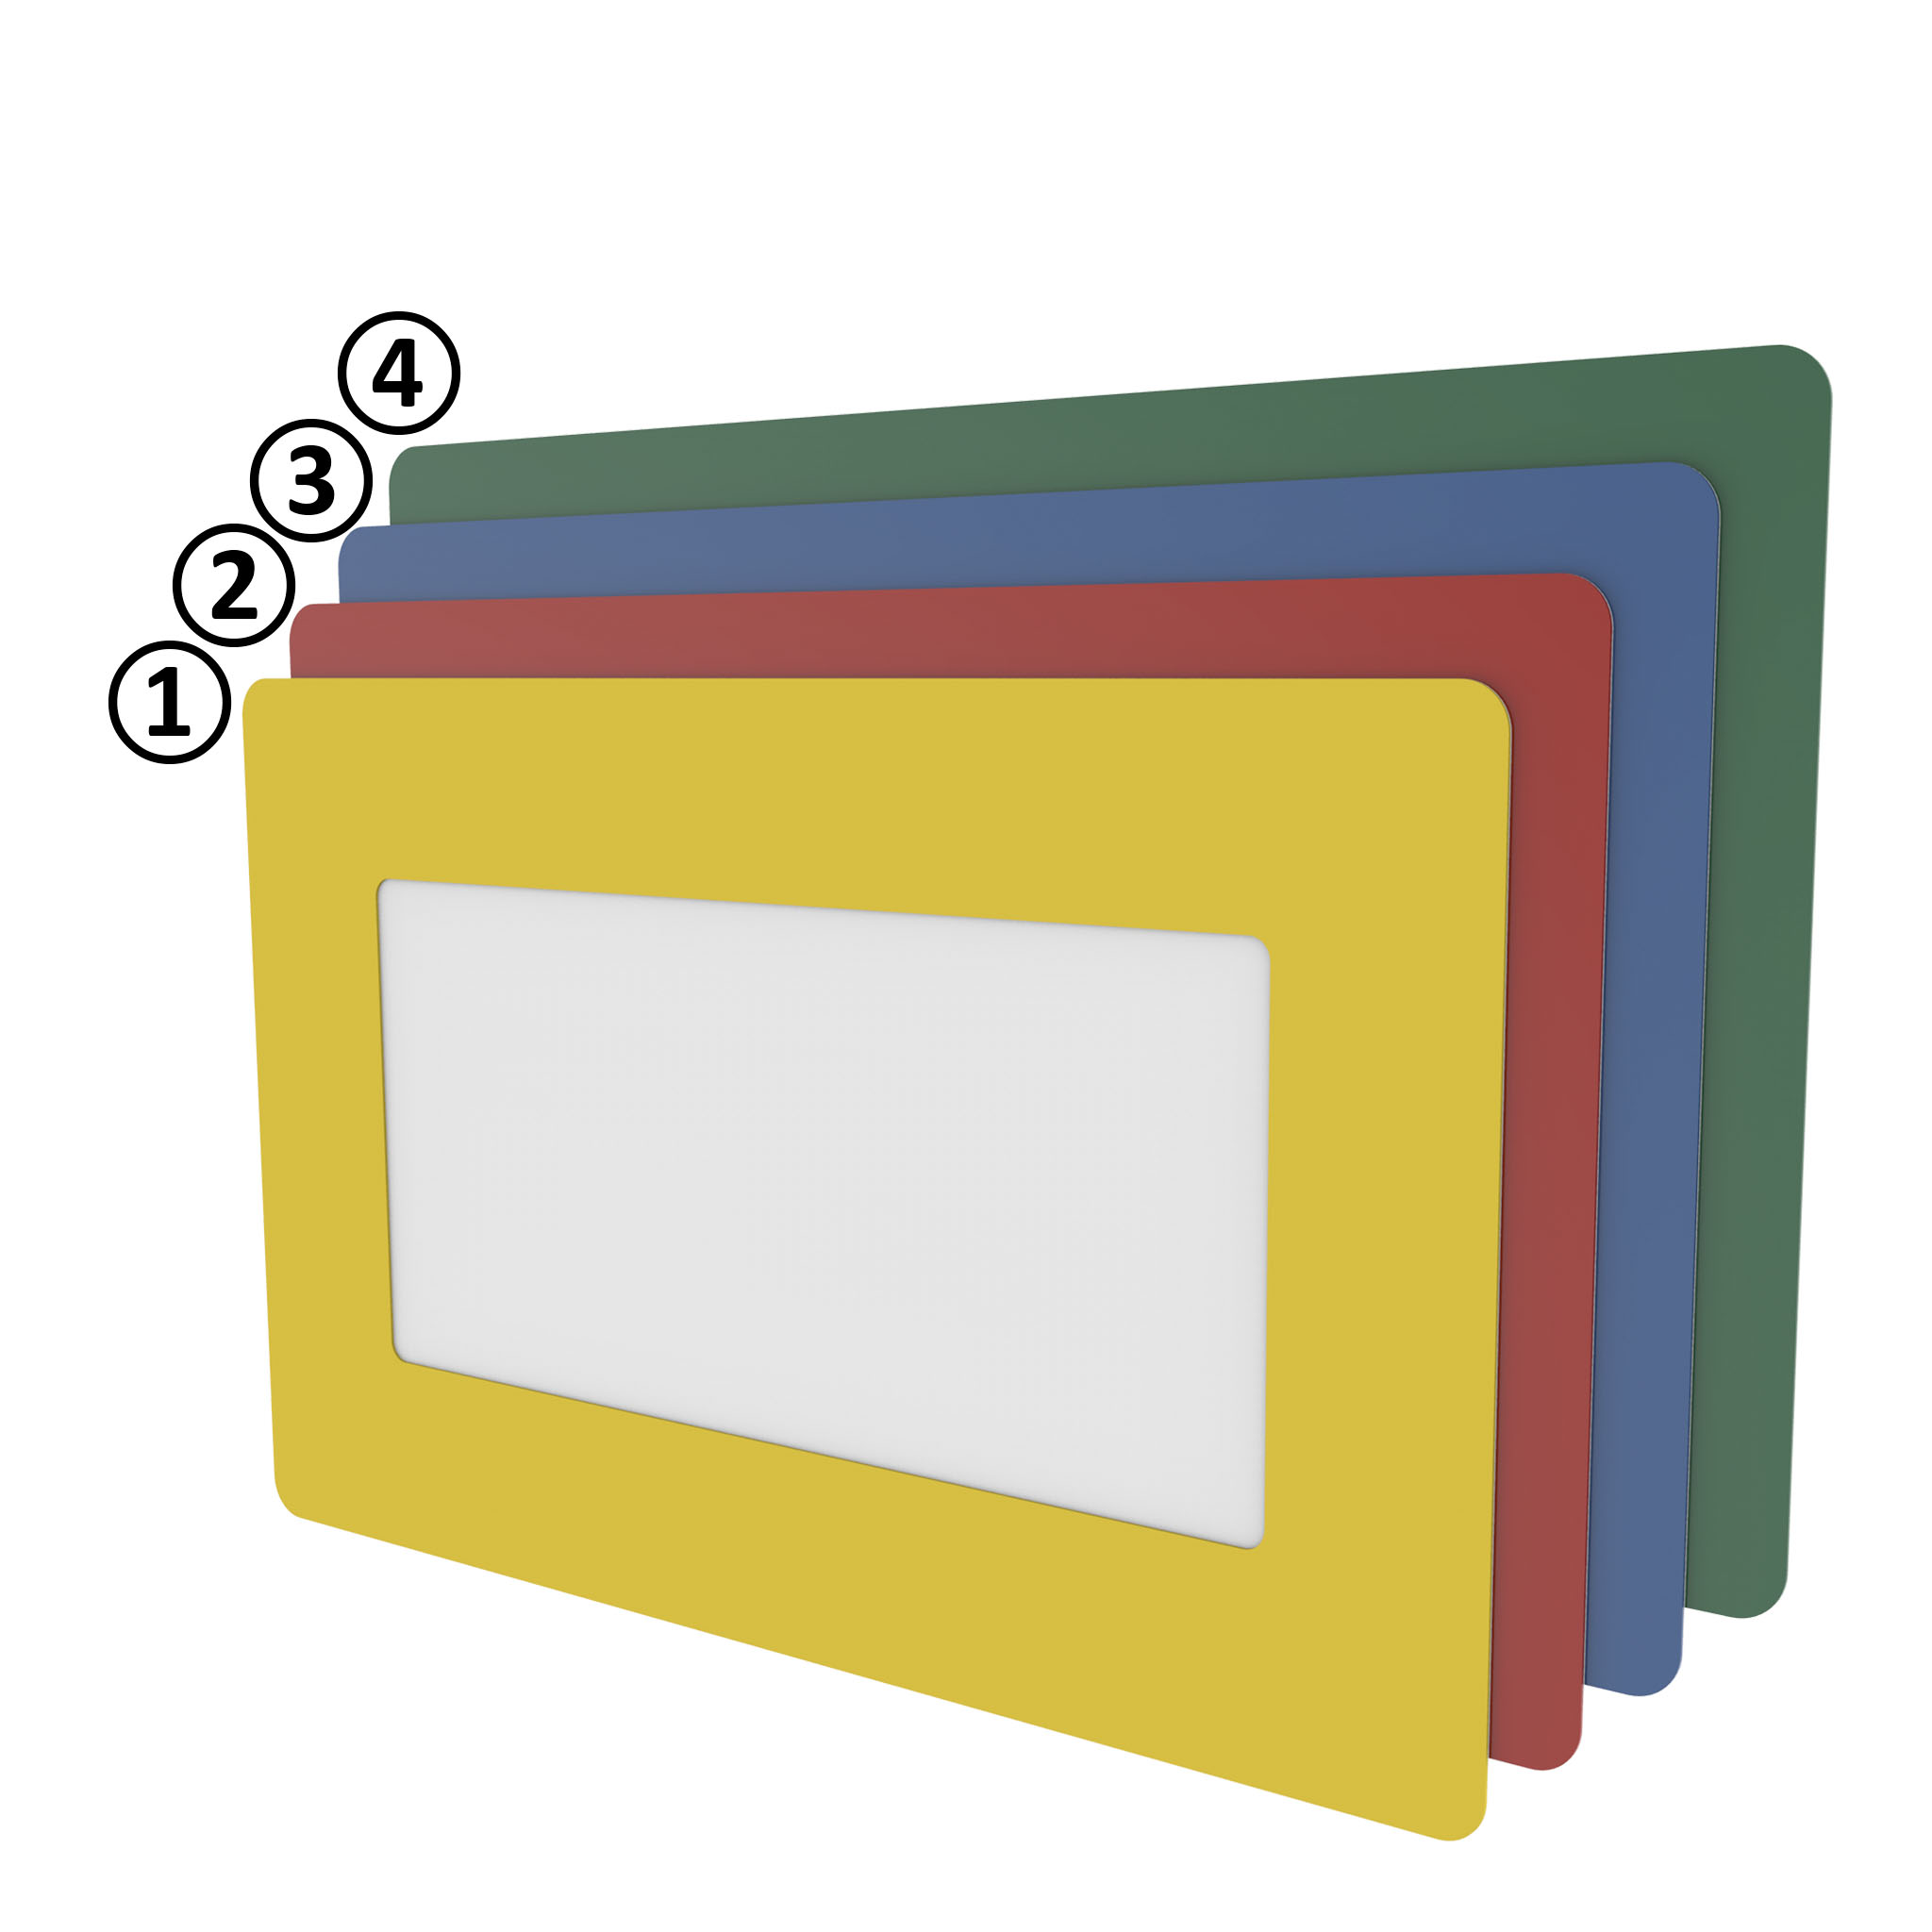 Bodenfenster 1/3 DIN A4 hoch - blau